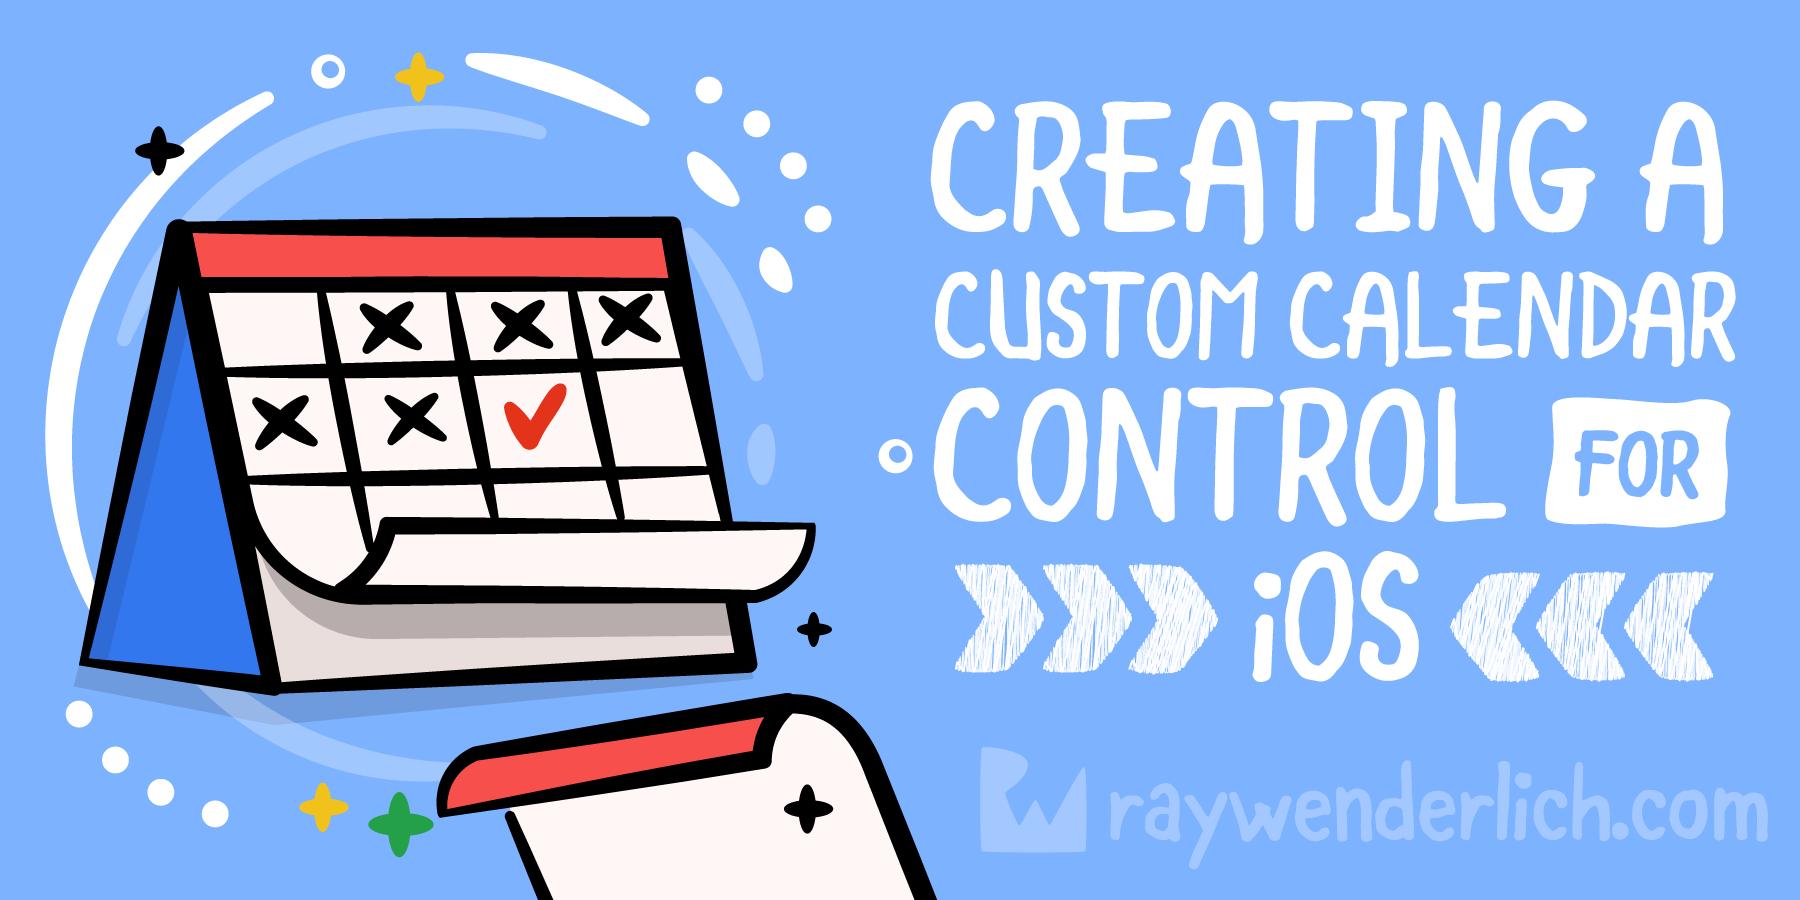 Creating a Custom Calendar Control for iOS [FREE] - RapidAPI